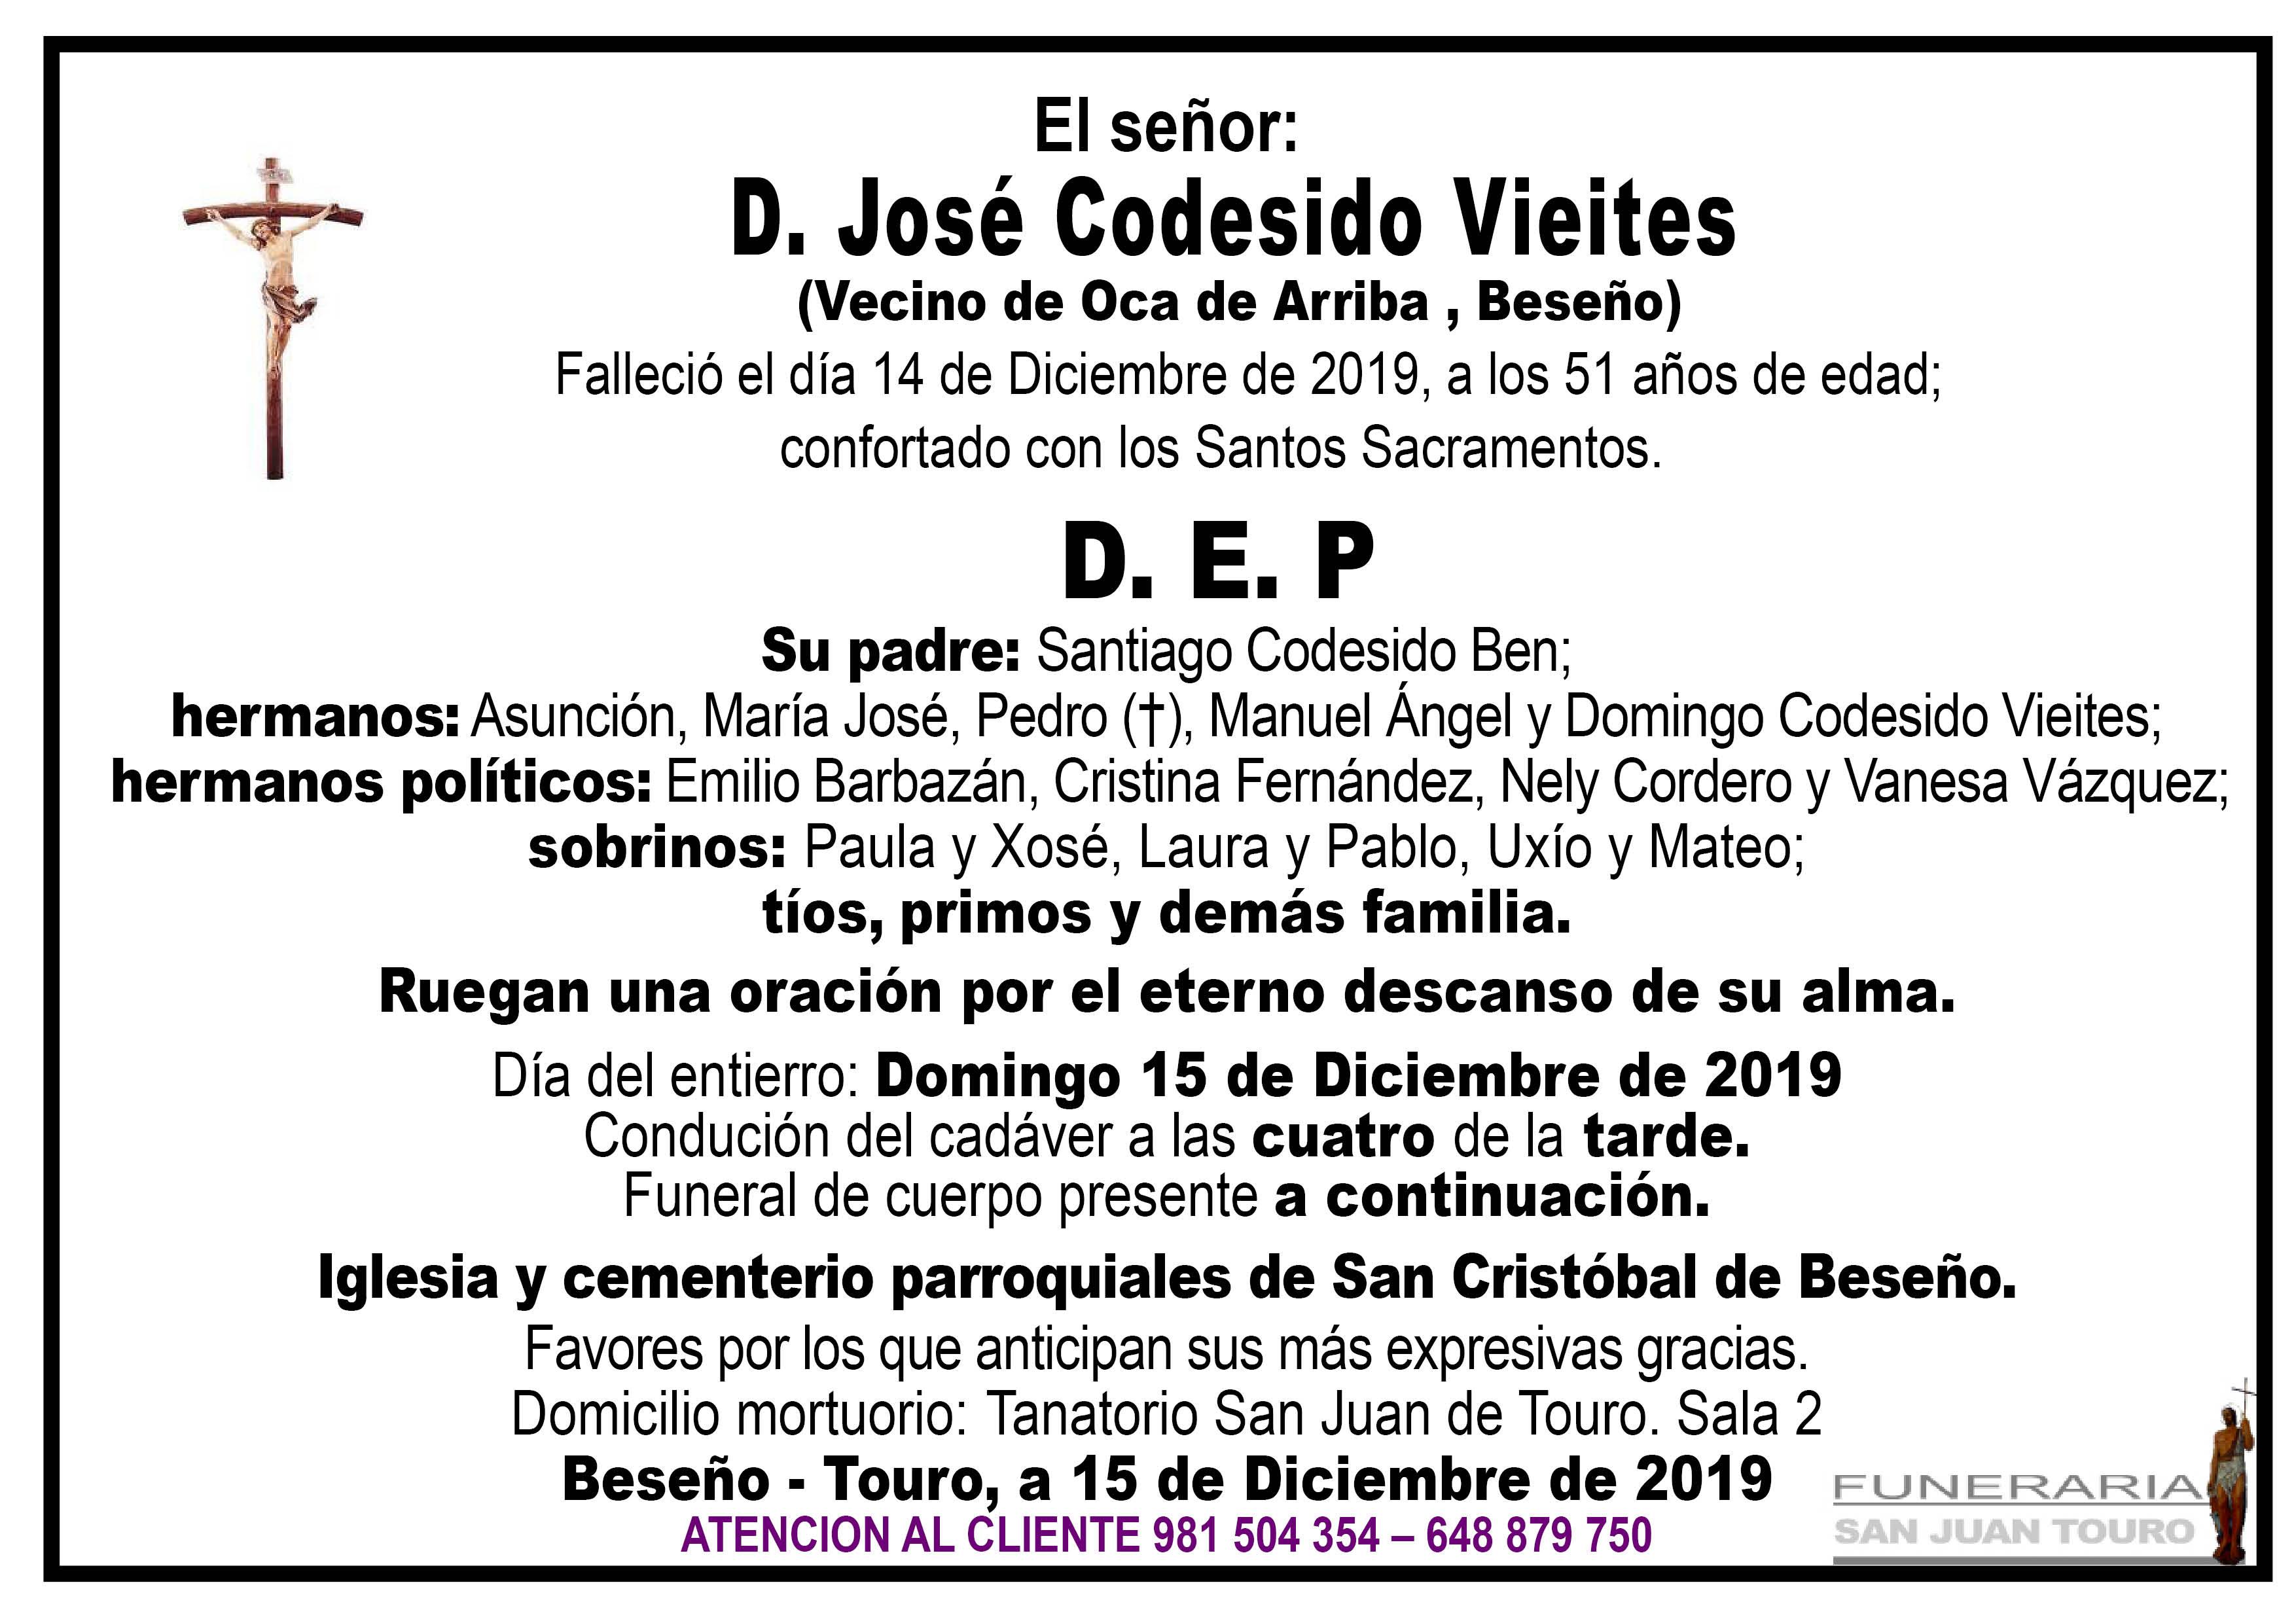 Esquela de D. JOSÉ CODESIDO VIEITES